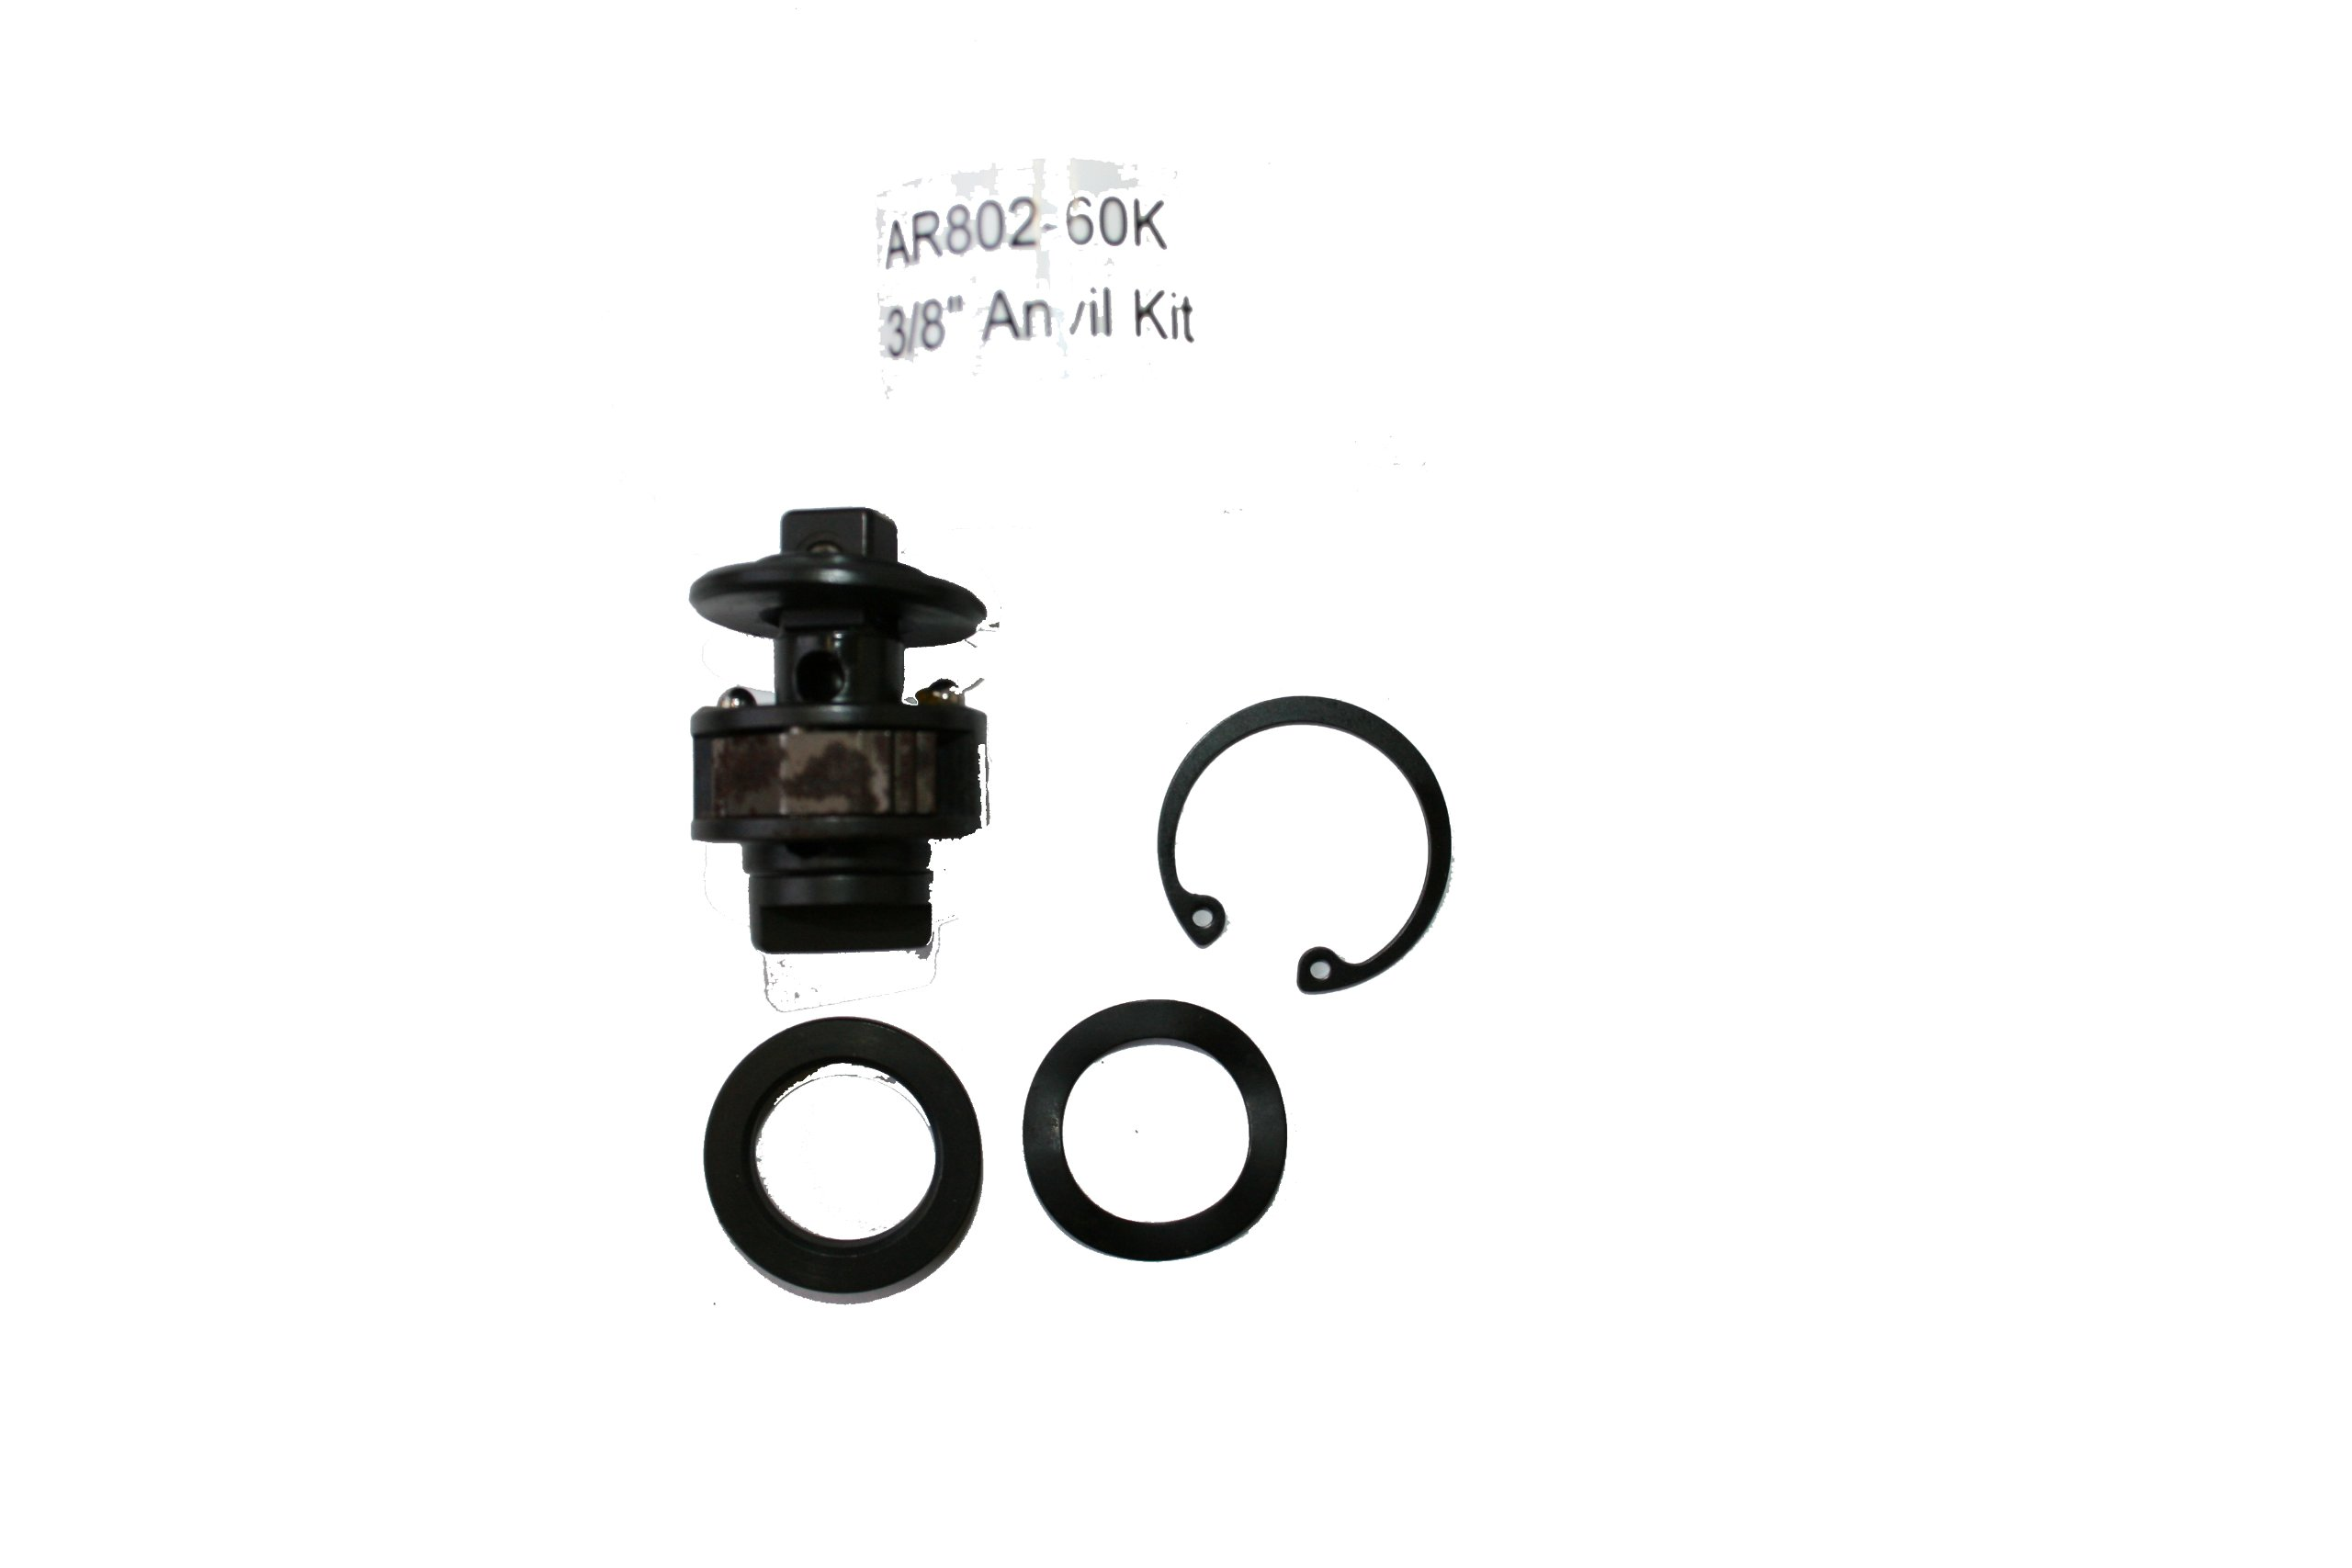 AIRCAT AR802-60K Easy Fix Repair Kit for Air Ratchet